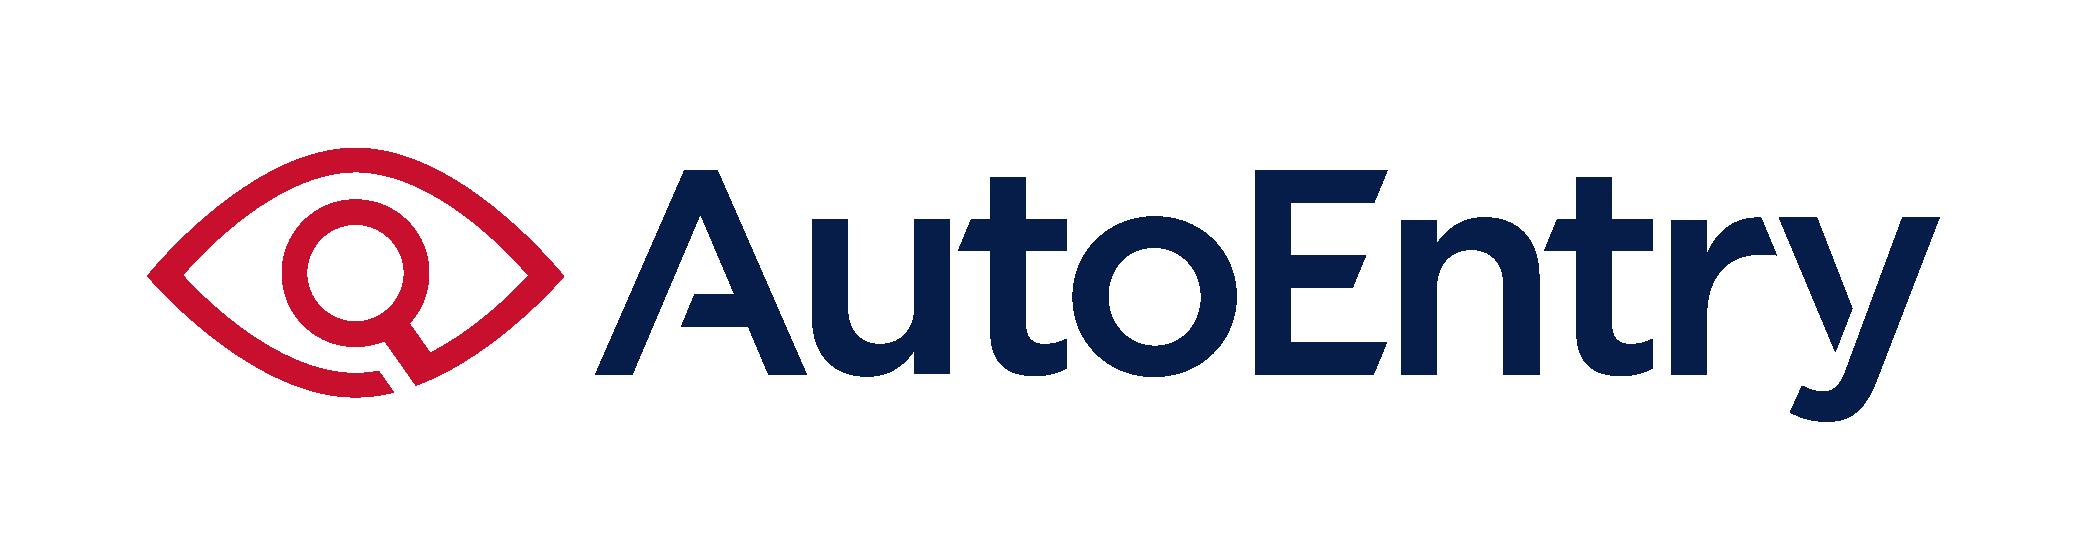 AutoEntry_OneLine_rgb